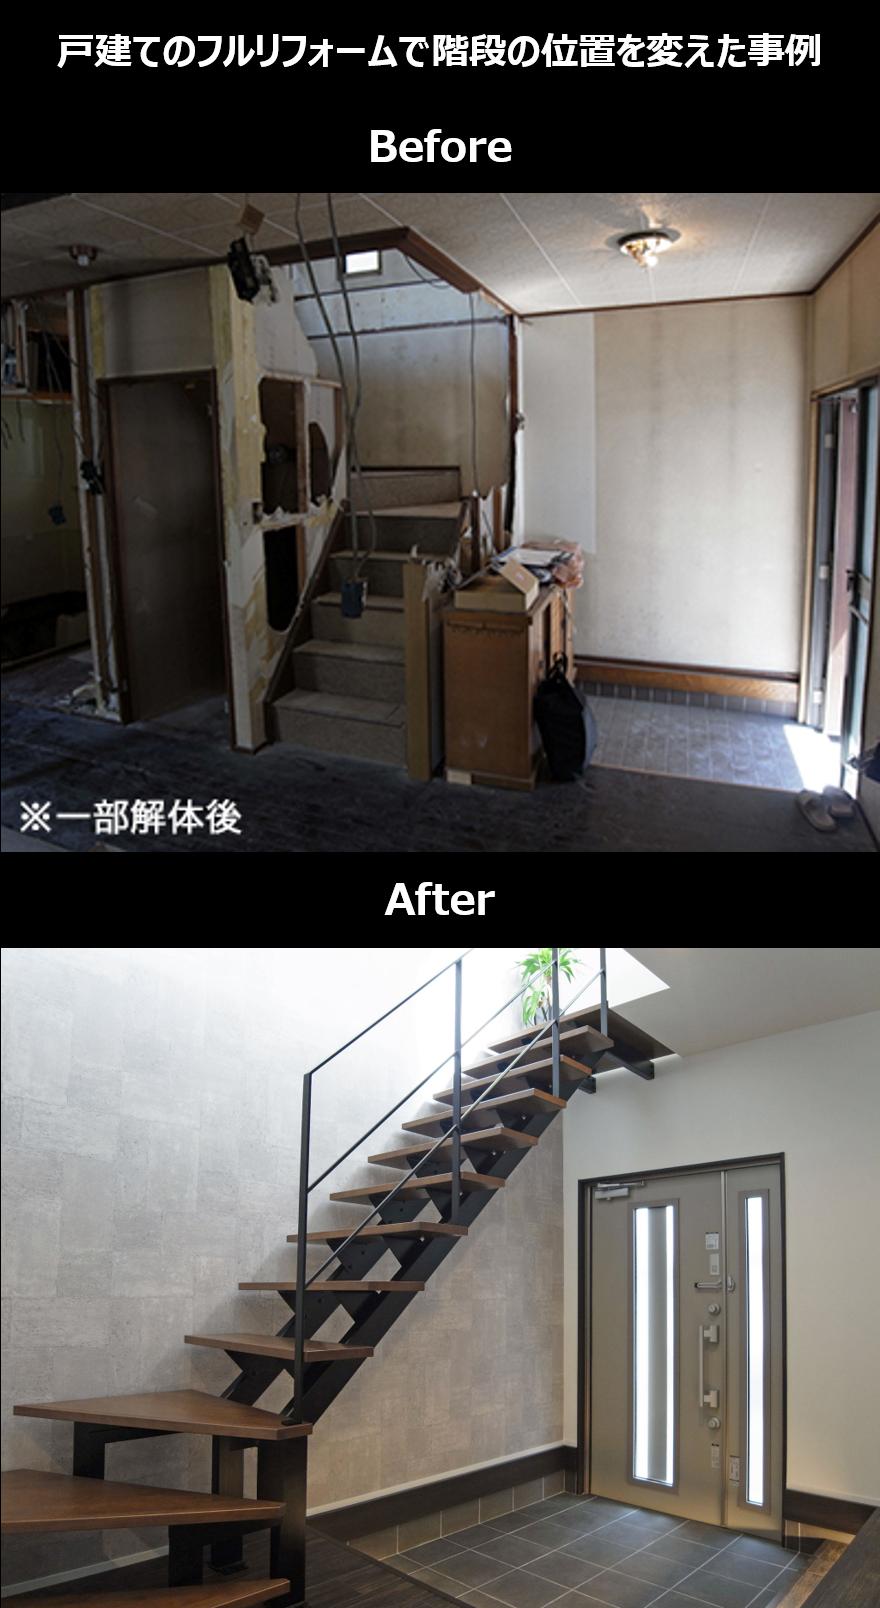 戸建てのフルリフォームで階段の位置を変えた事例